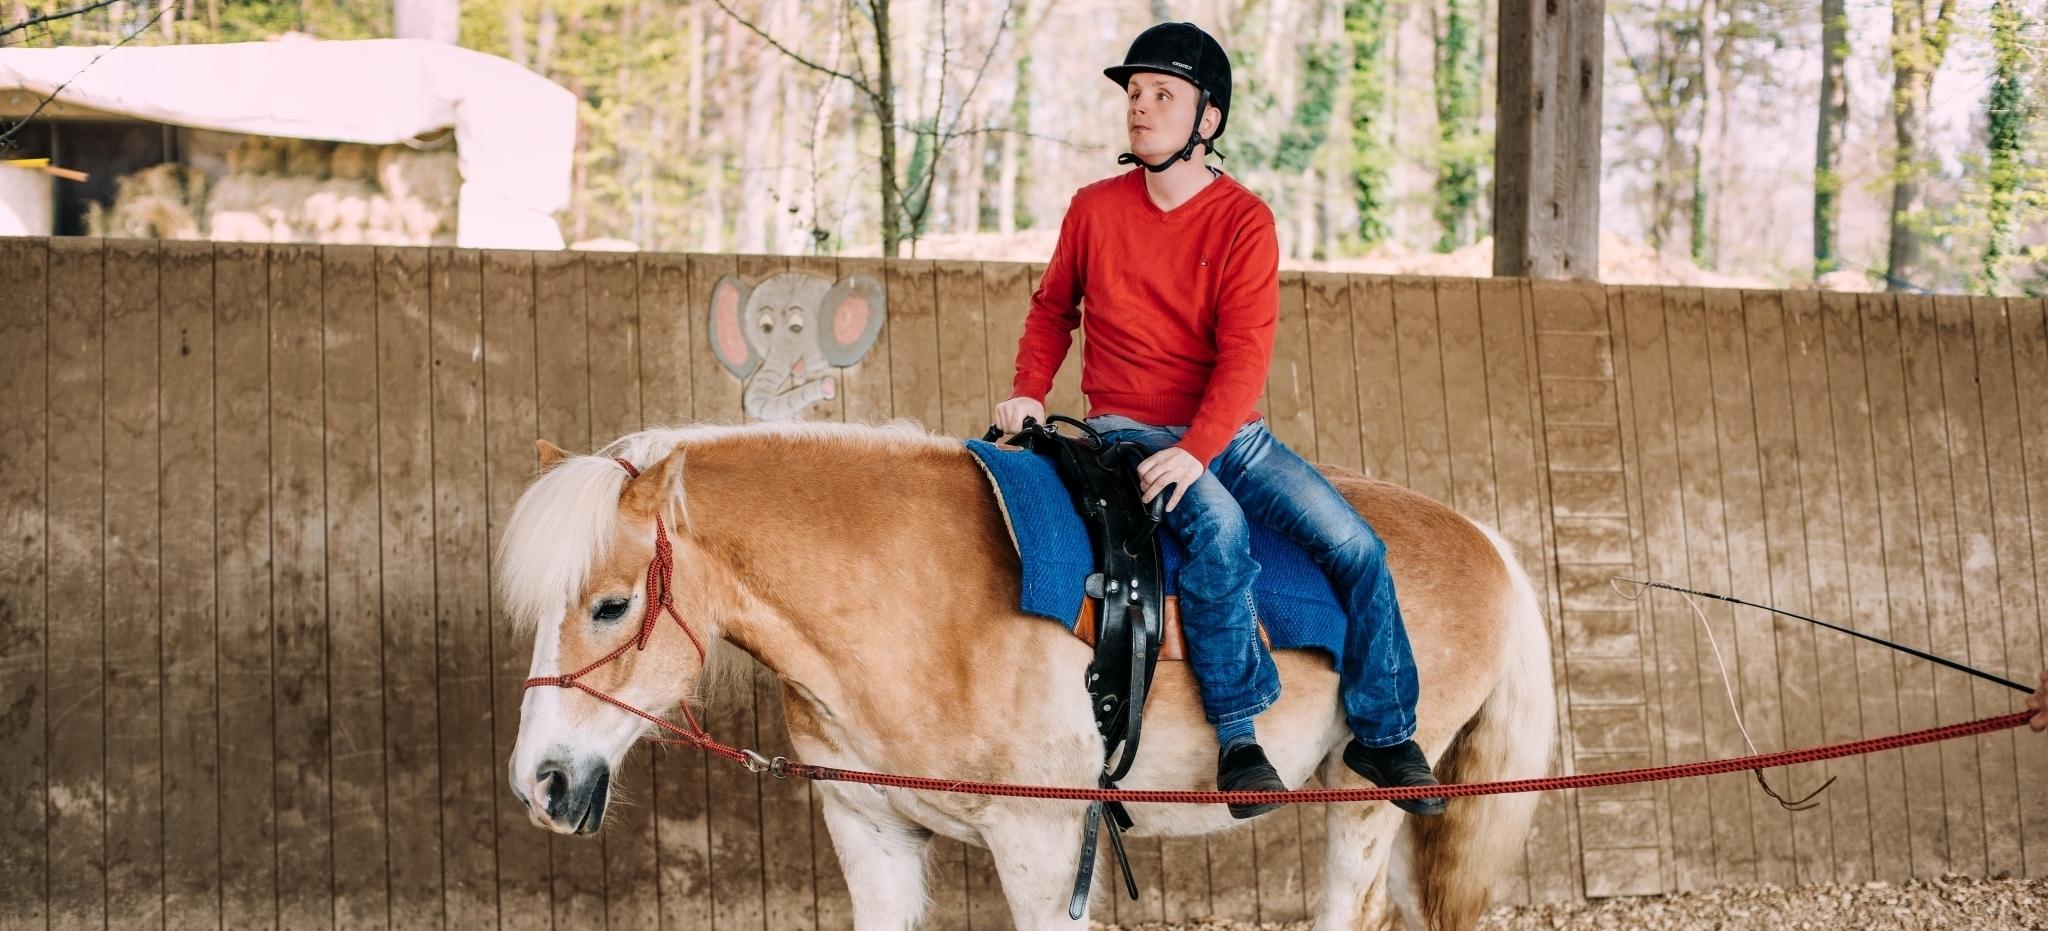 Kunde reitet auf Pferd